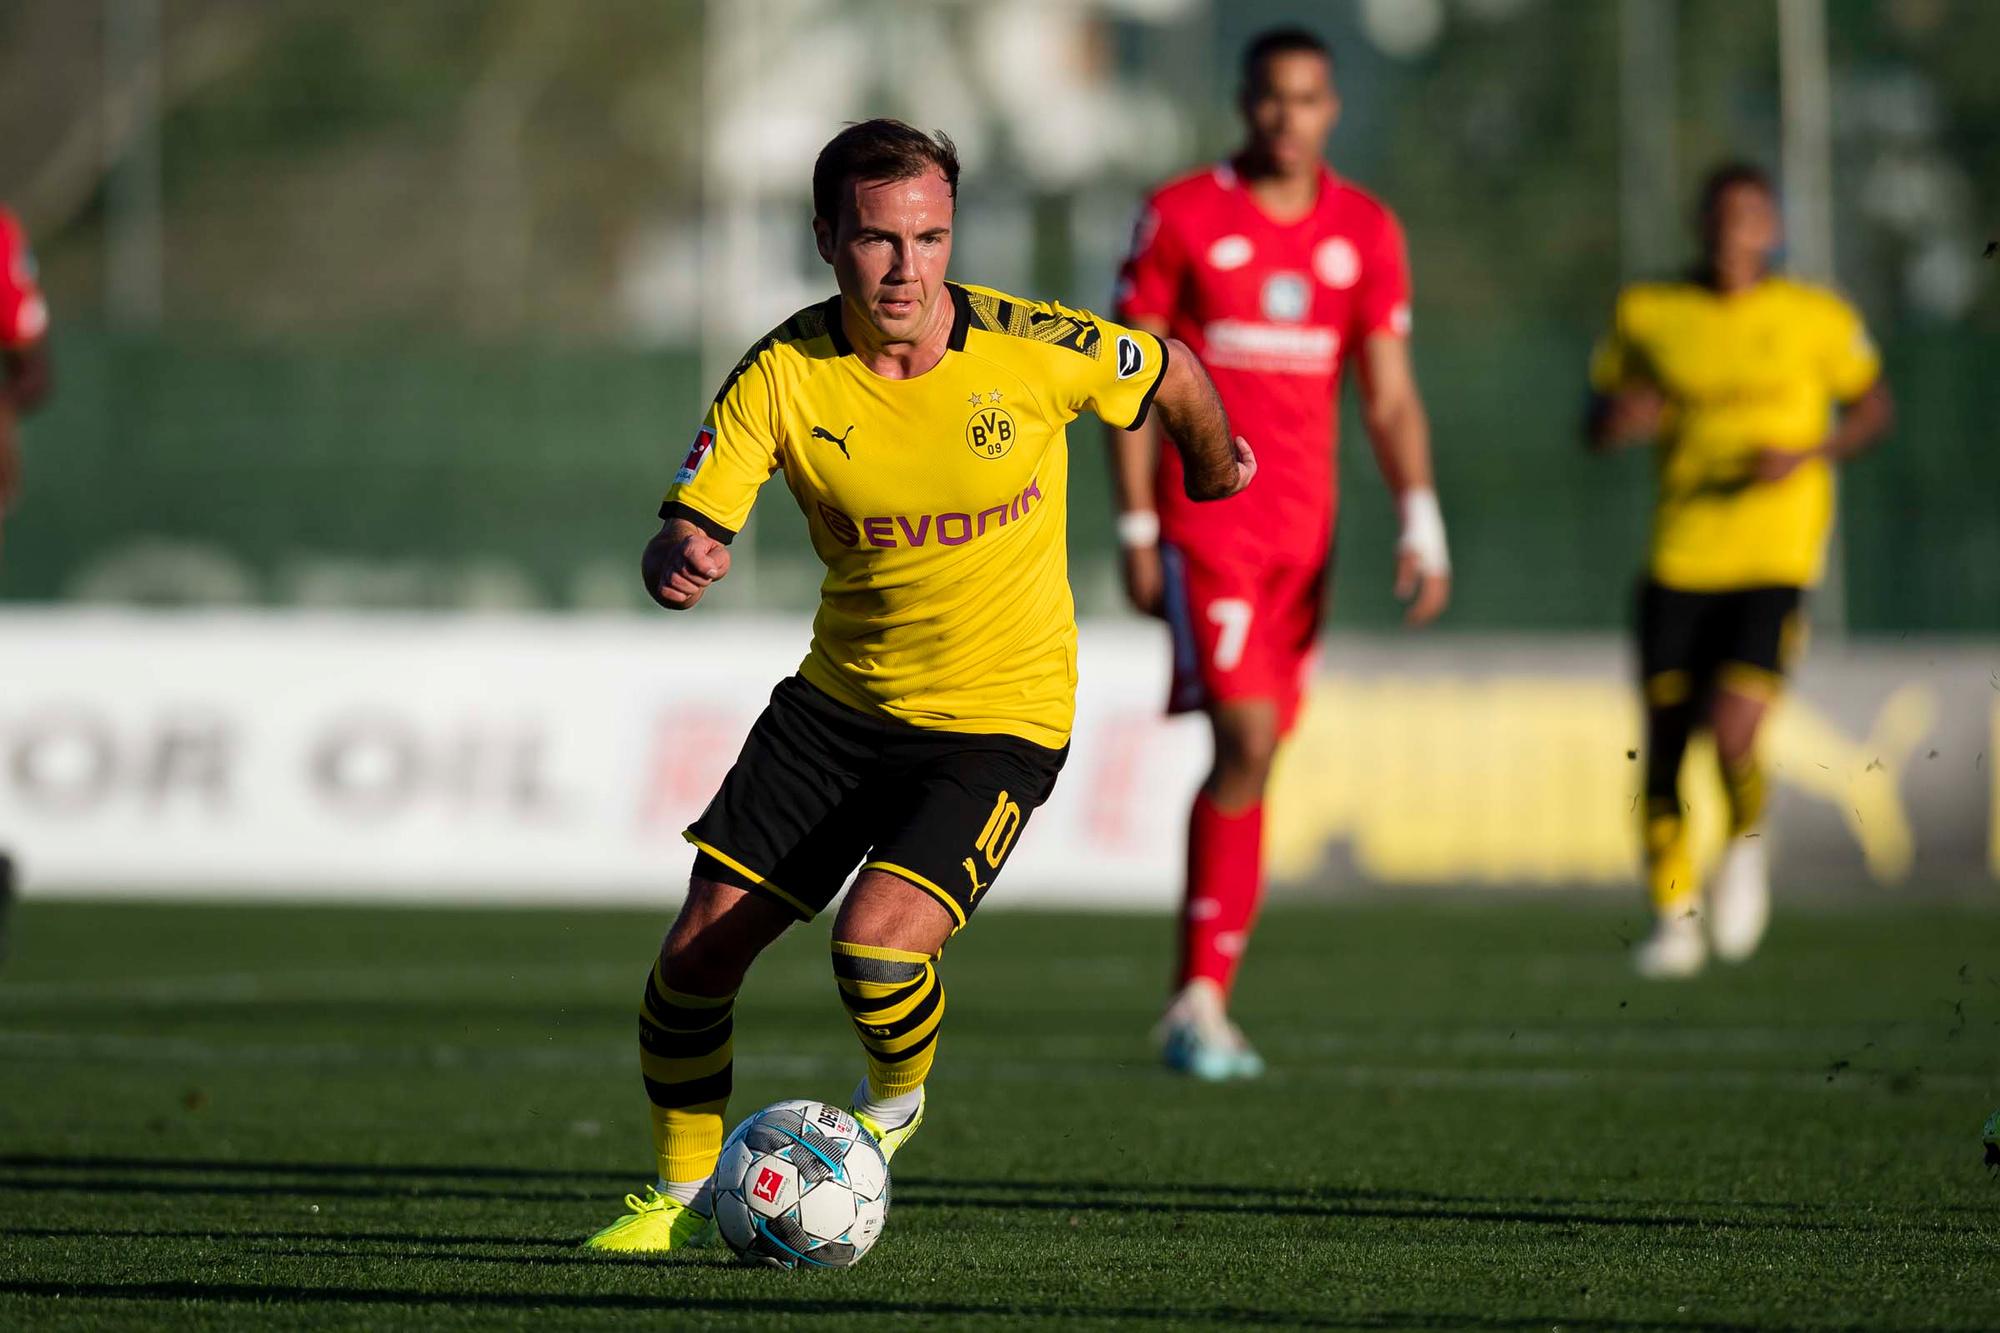 Mario Götze speelde dit seizoen amper 502 minuten in 13 Bundesligaduels en scoorde daarin 3 keer., GETTY